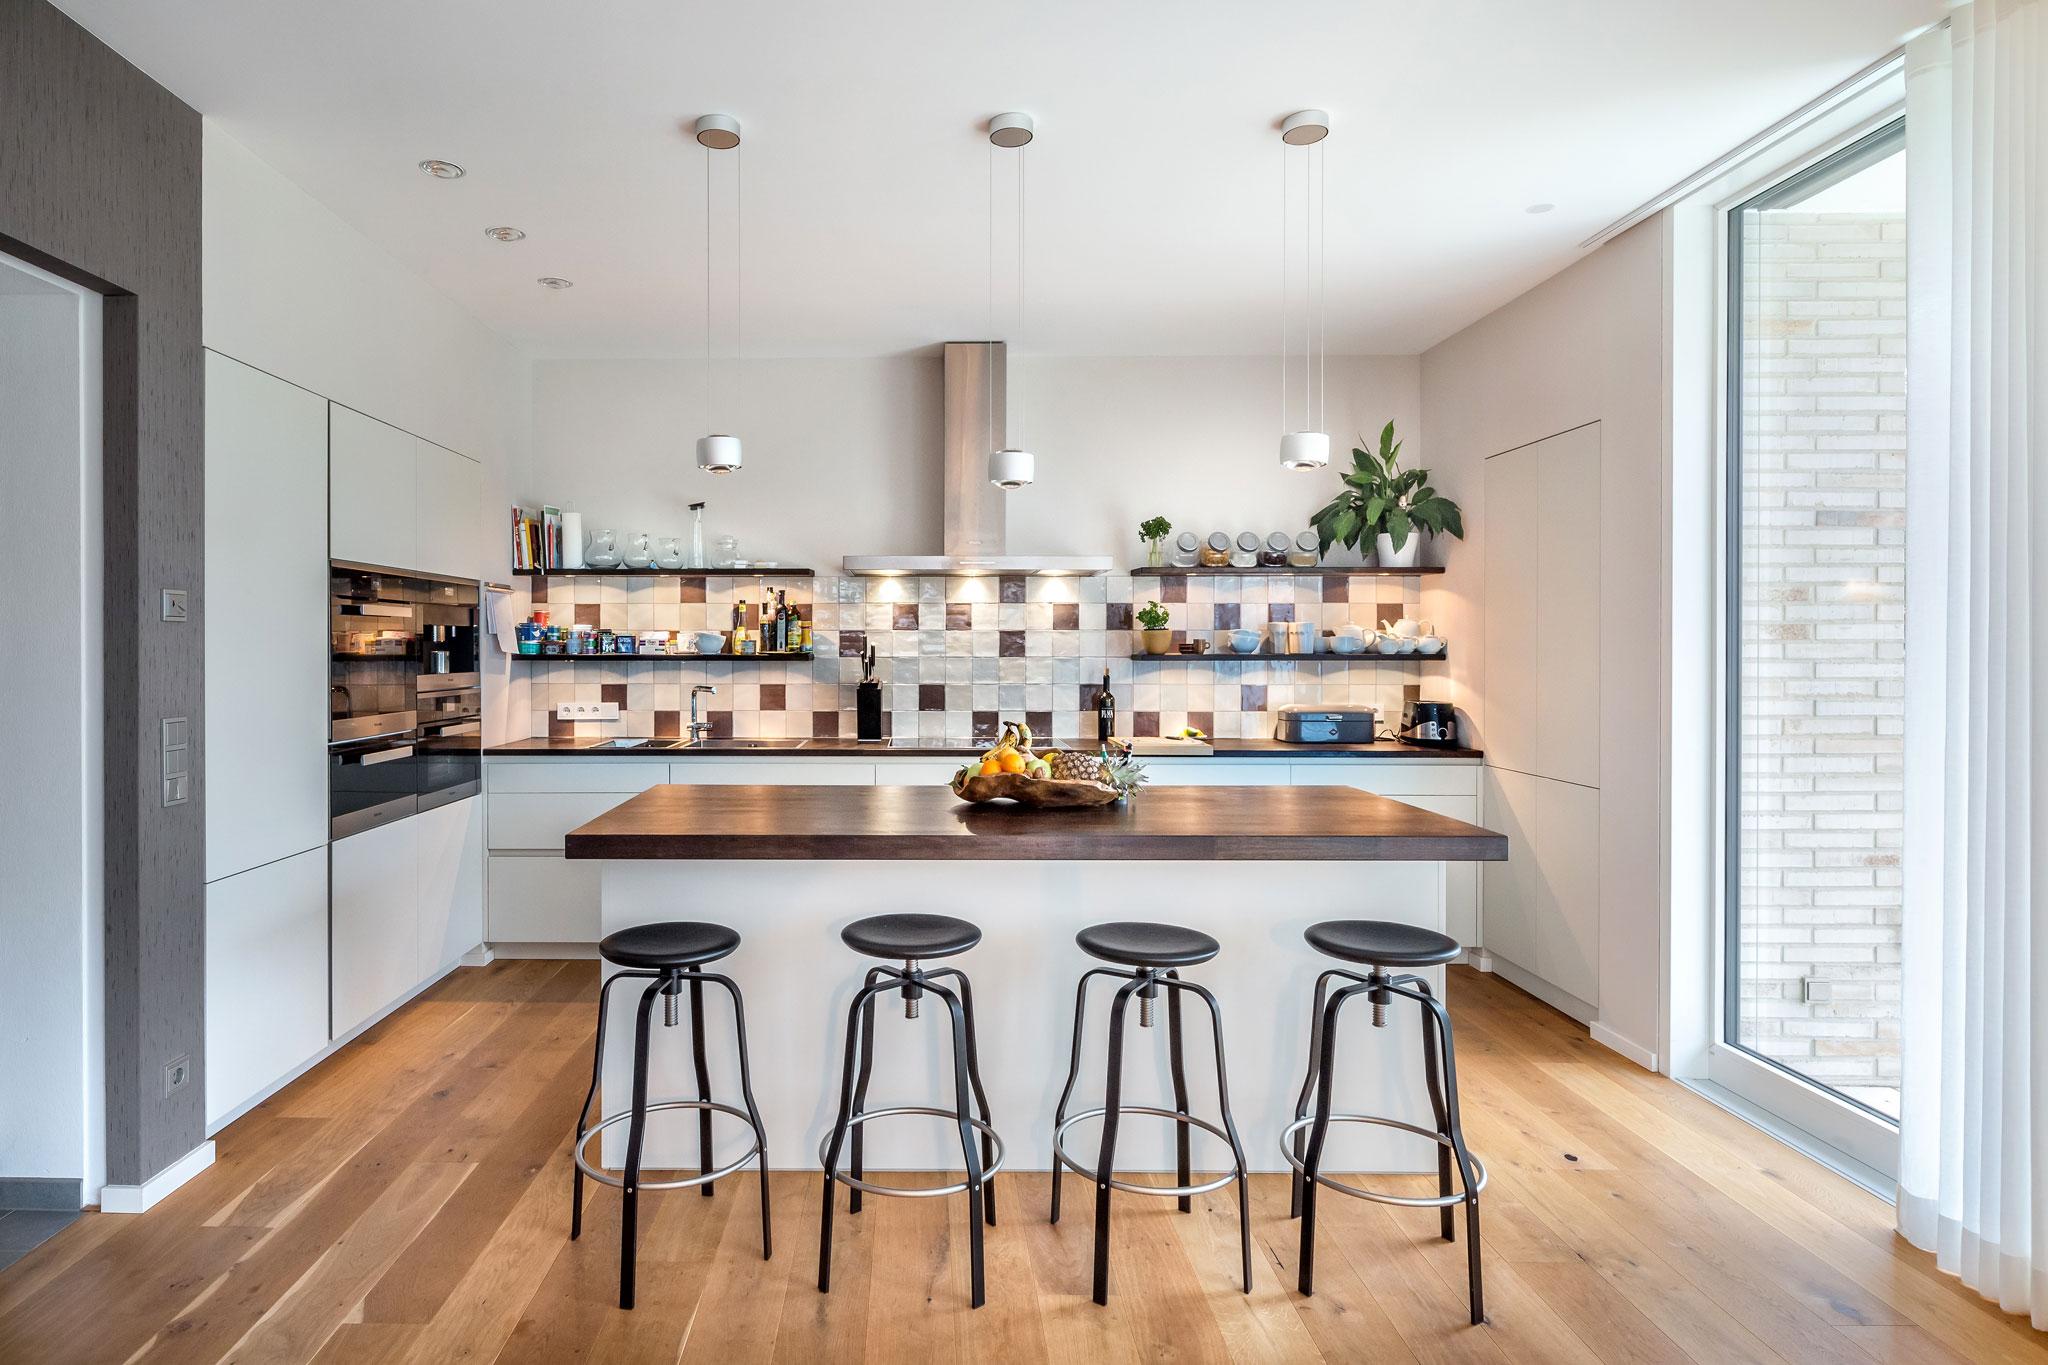 Full Size of Kücheninsel Warum Sind Kcheninseln So Beliebt Conscious Design Wohnzimmer Kücheninsel